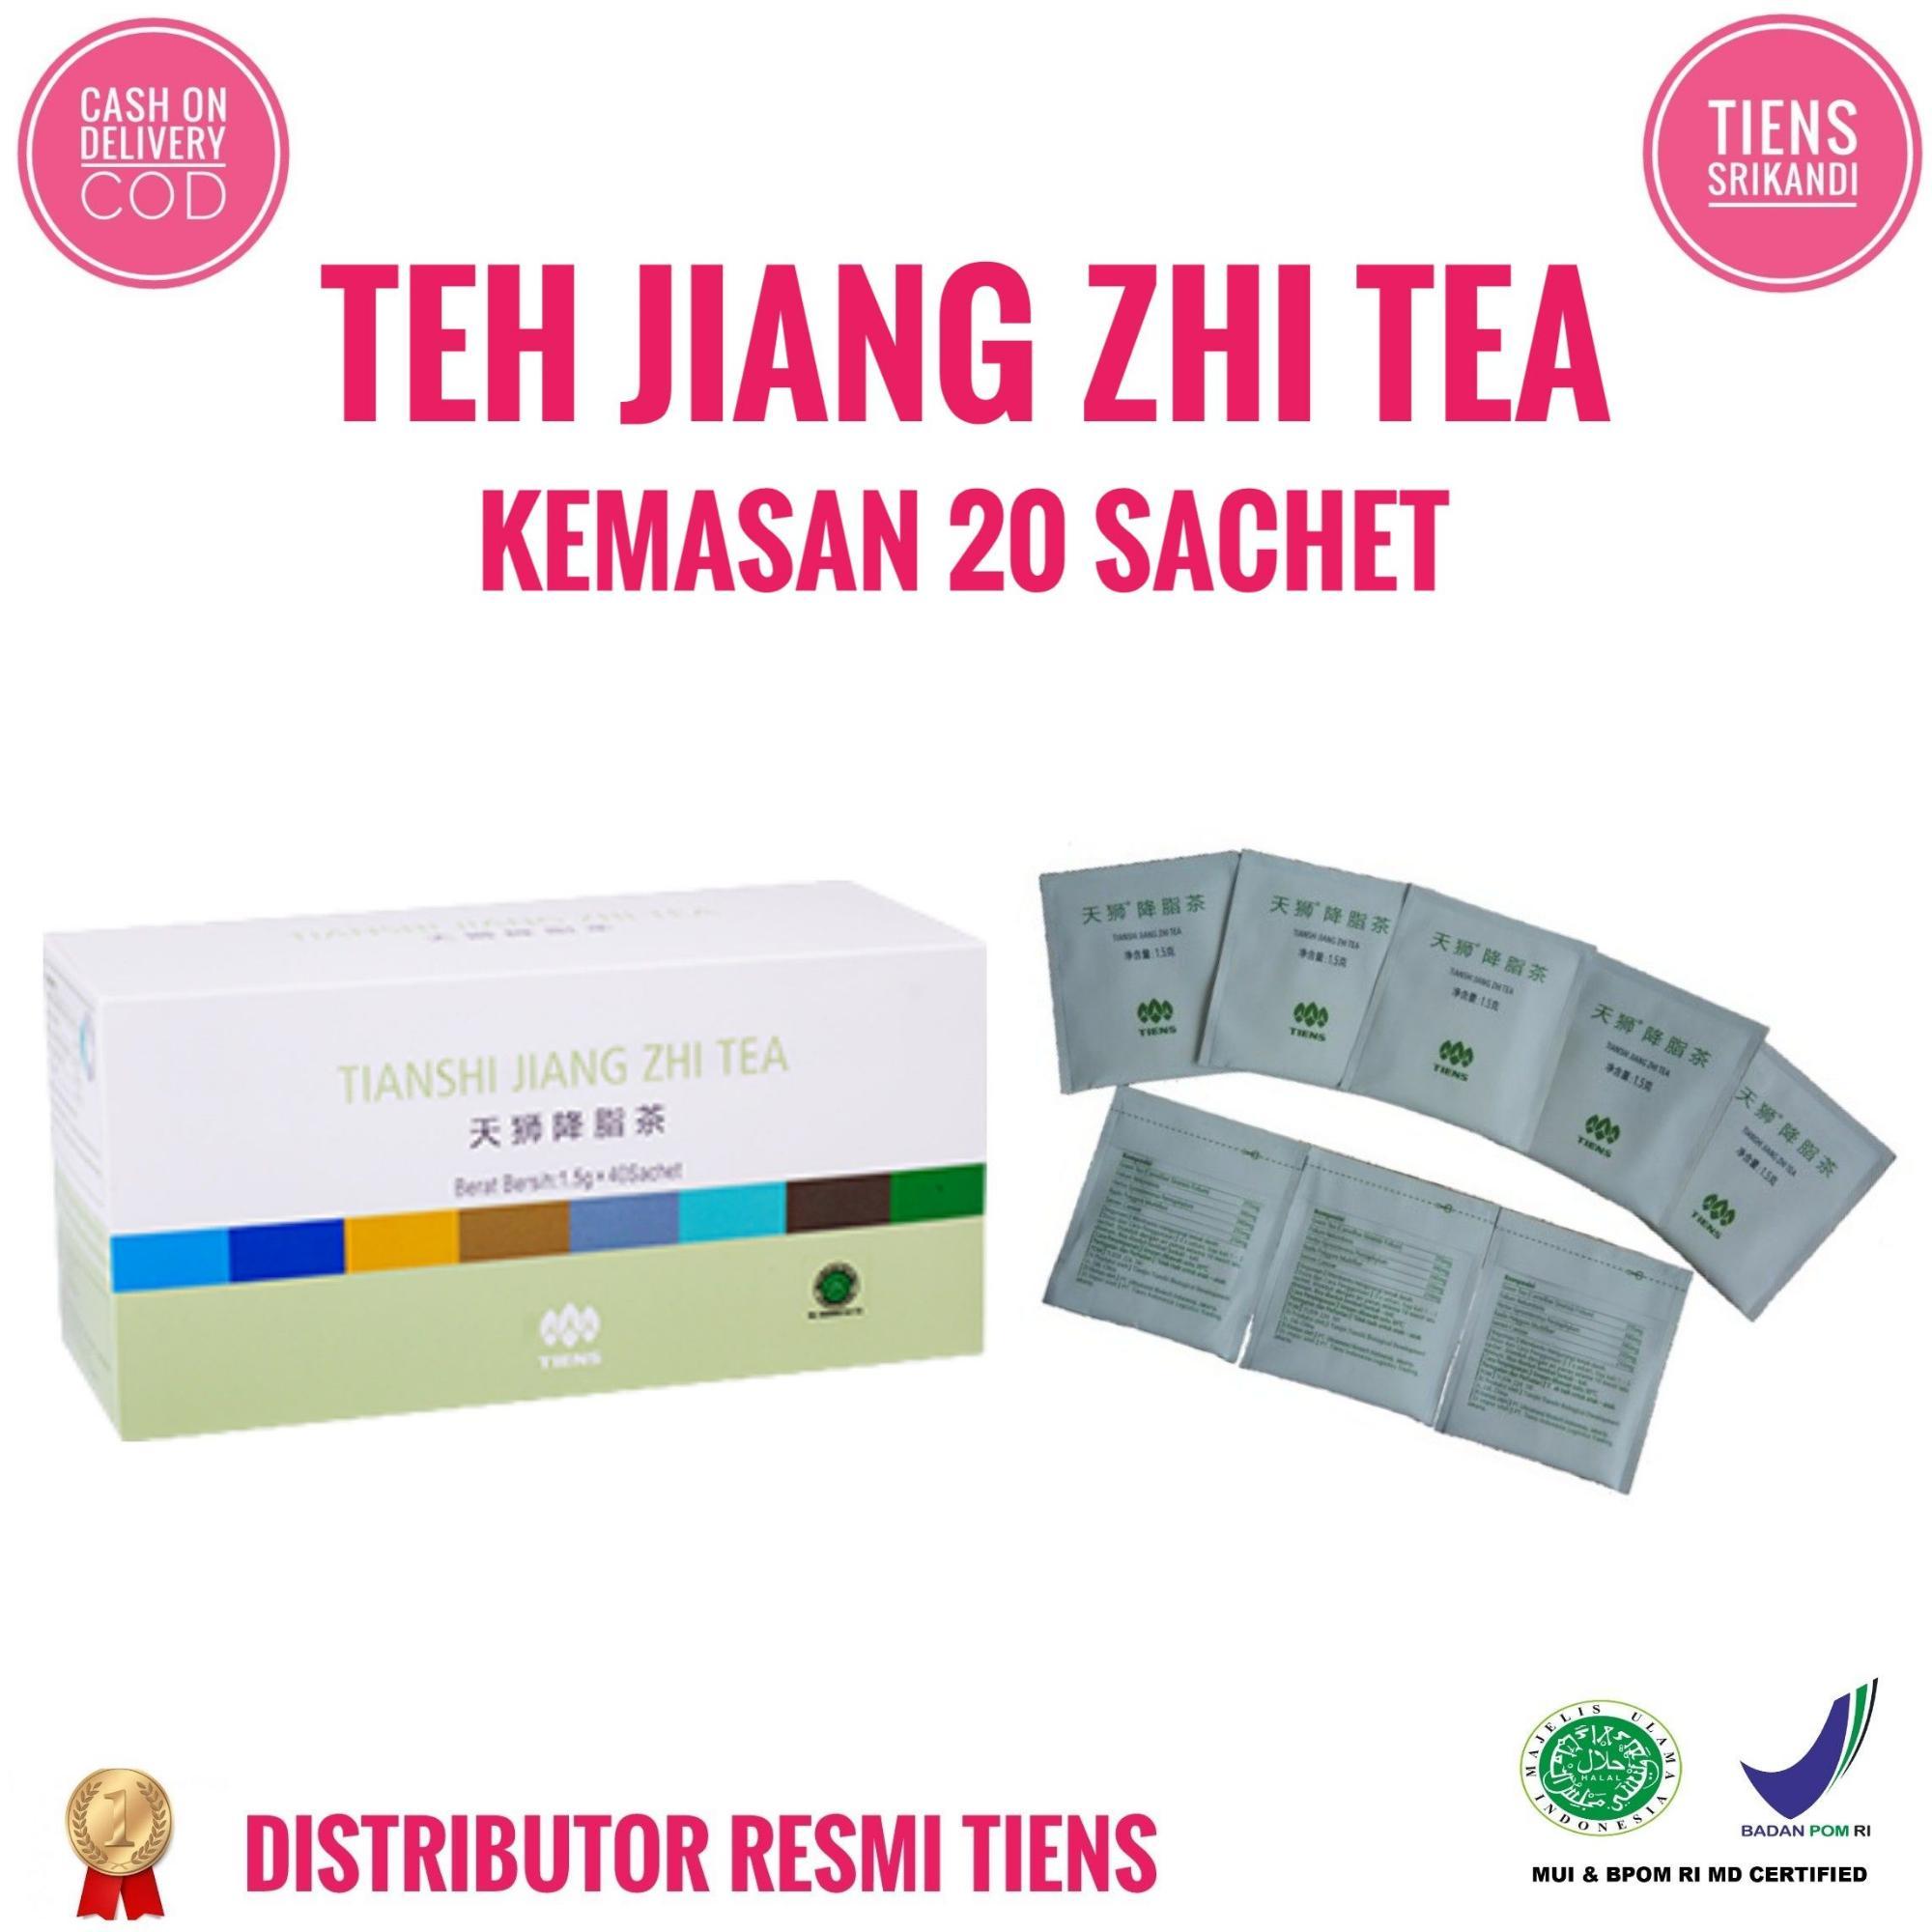 Tiens Jiang Zhi Tea Penurun Berat Badan Kemasan 20 Sachet Free Member Card + Gift